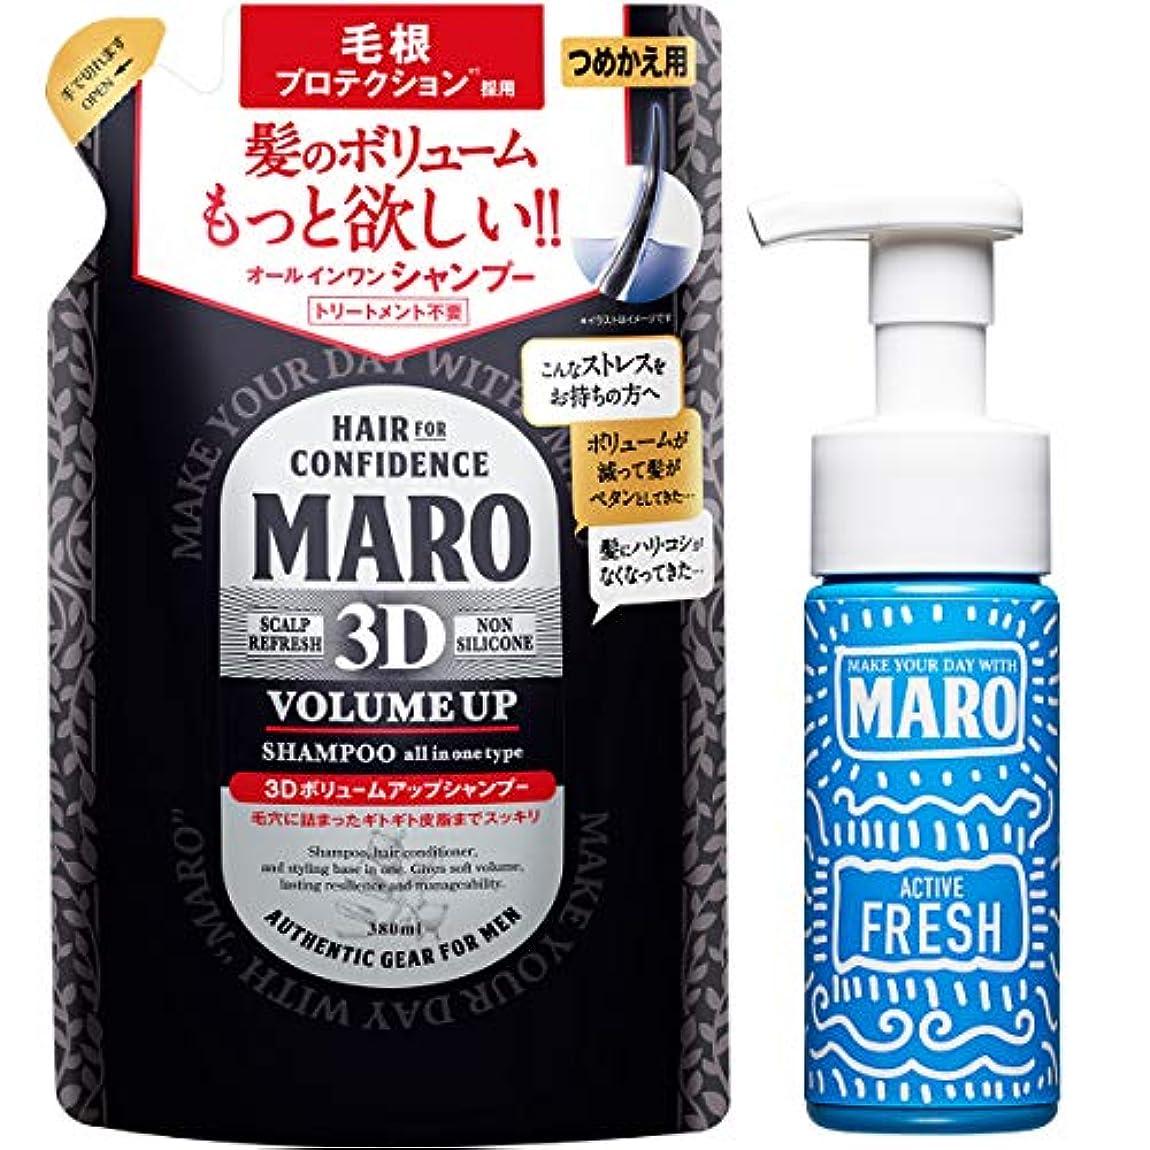 テロリスト新しさ抱擁MARO(マーロ) 3Dシャンプー 泡洗顔付き セット 380ml+泡洗顔150ml